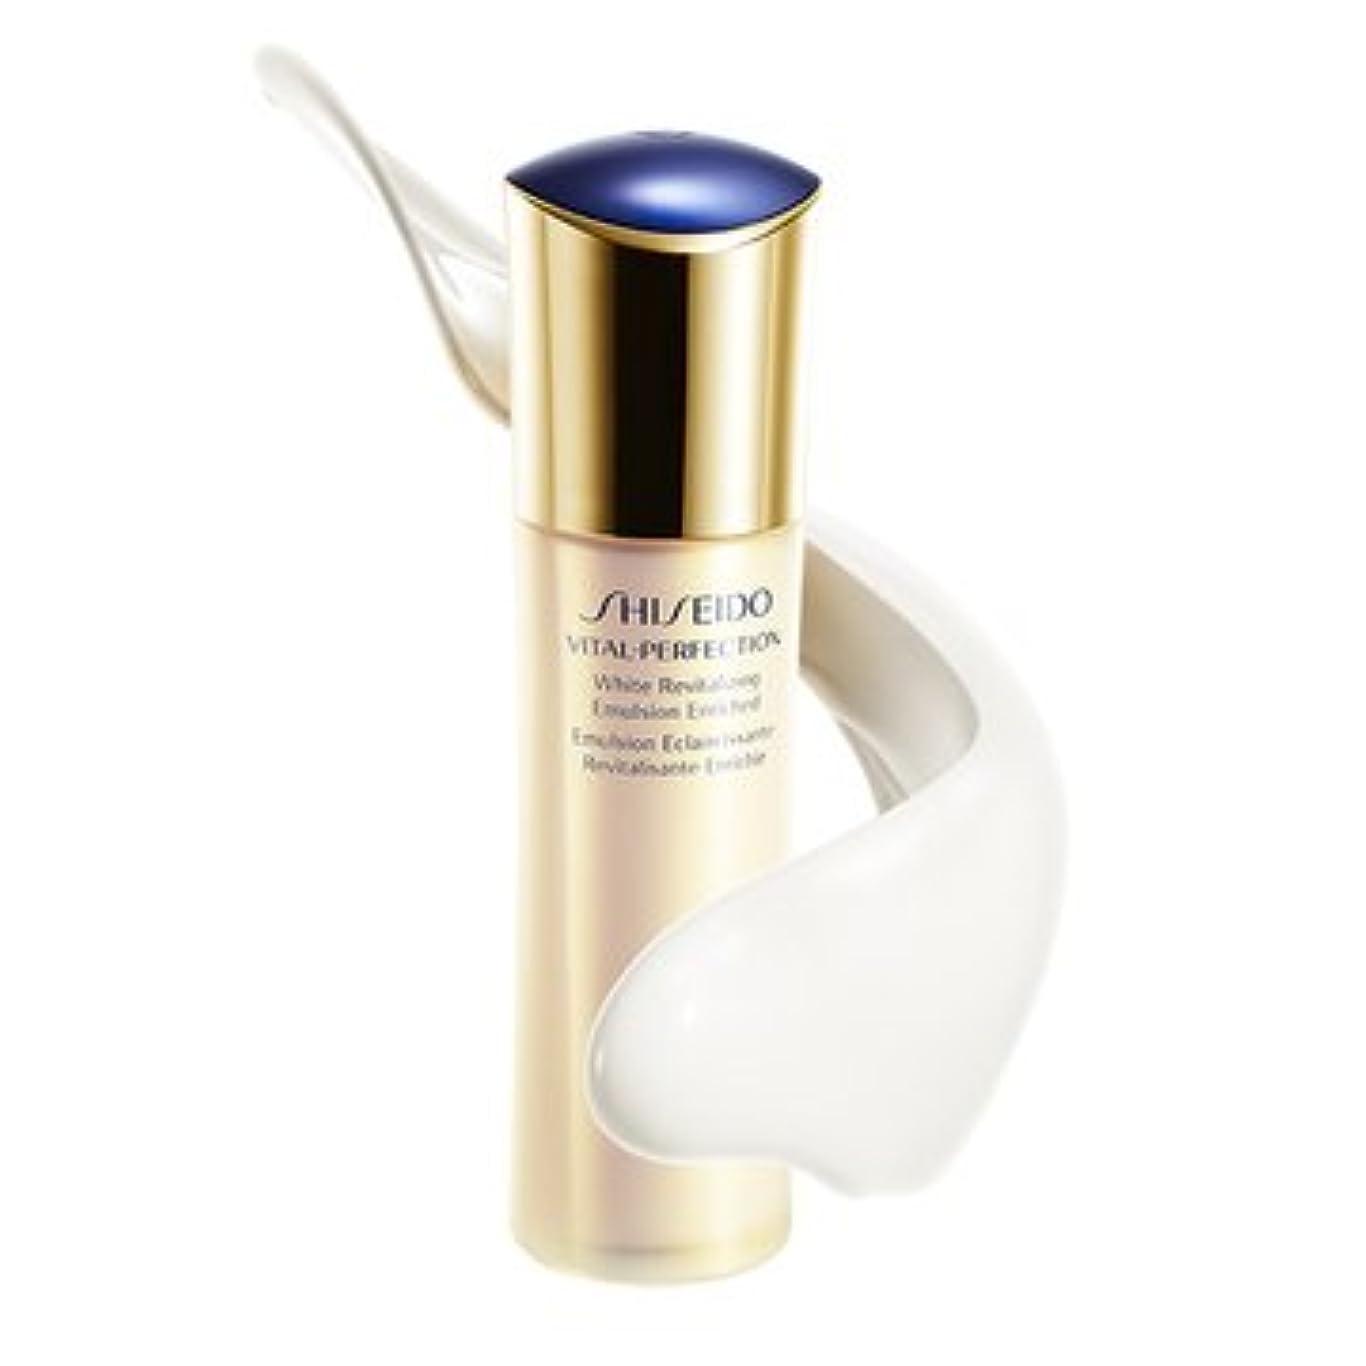 複合冷凍庫マダム資生堂/shiseido バイタルパーフェクション/VITAL-PERFECTION ホワイトRV エマルジョン(医薬部外品)美白乳液